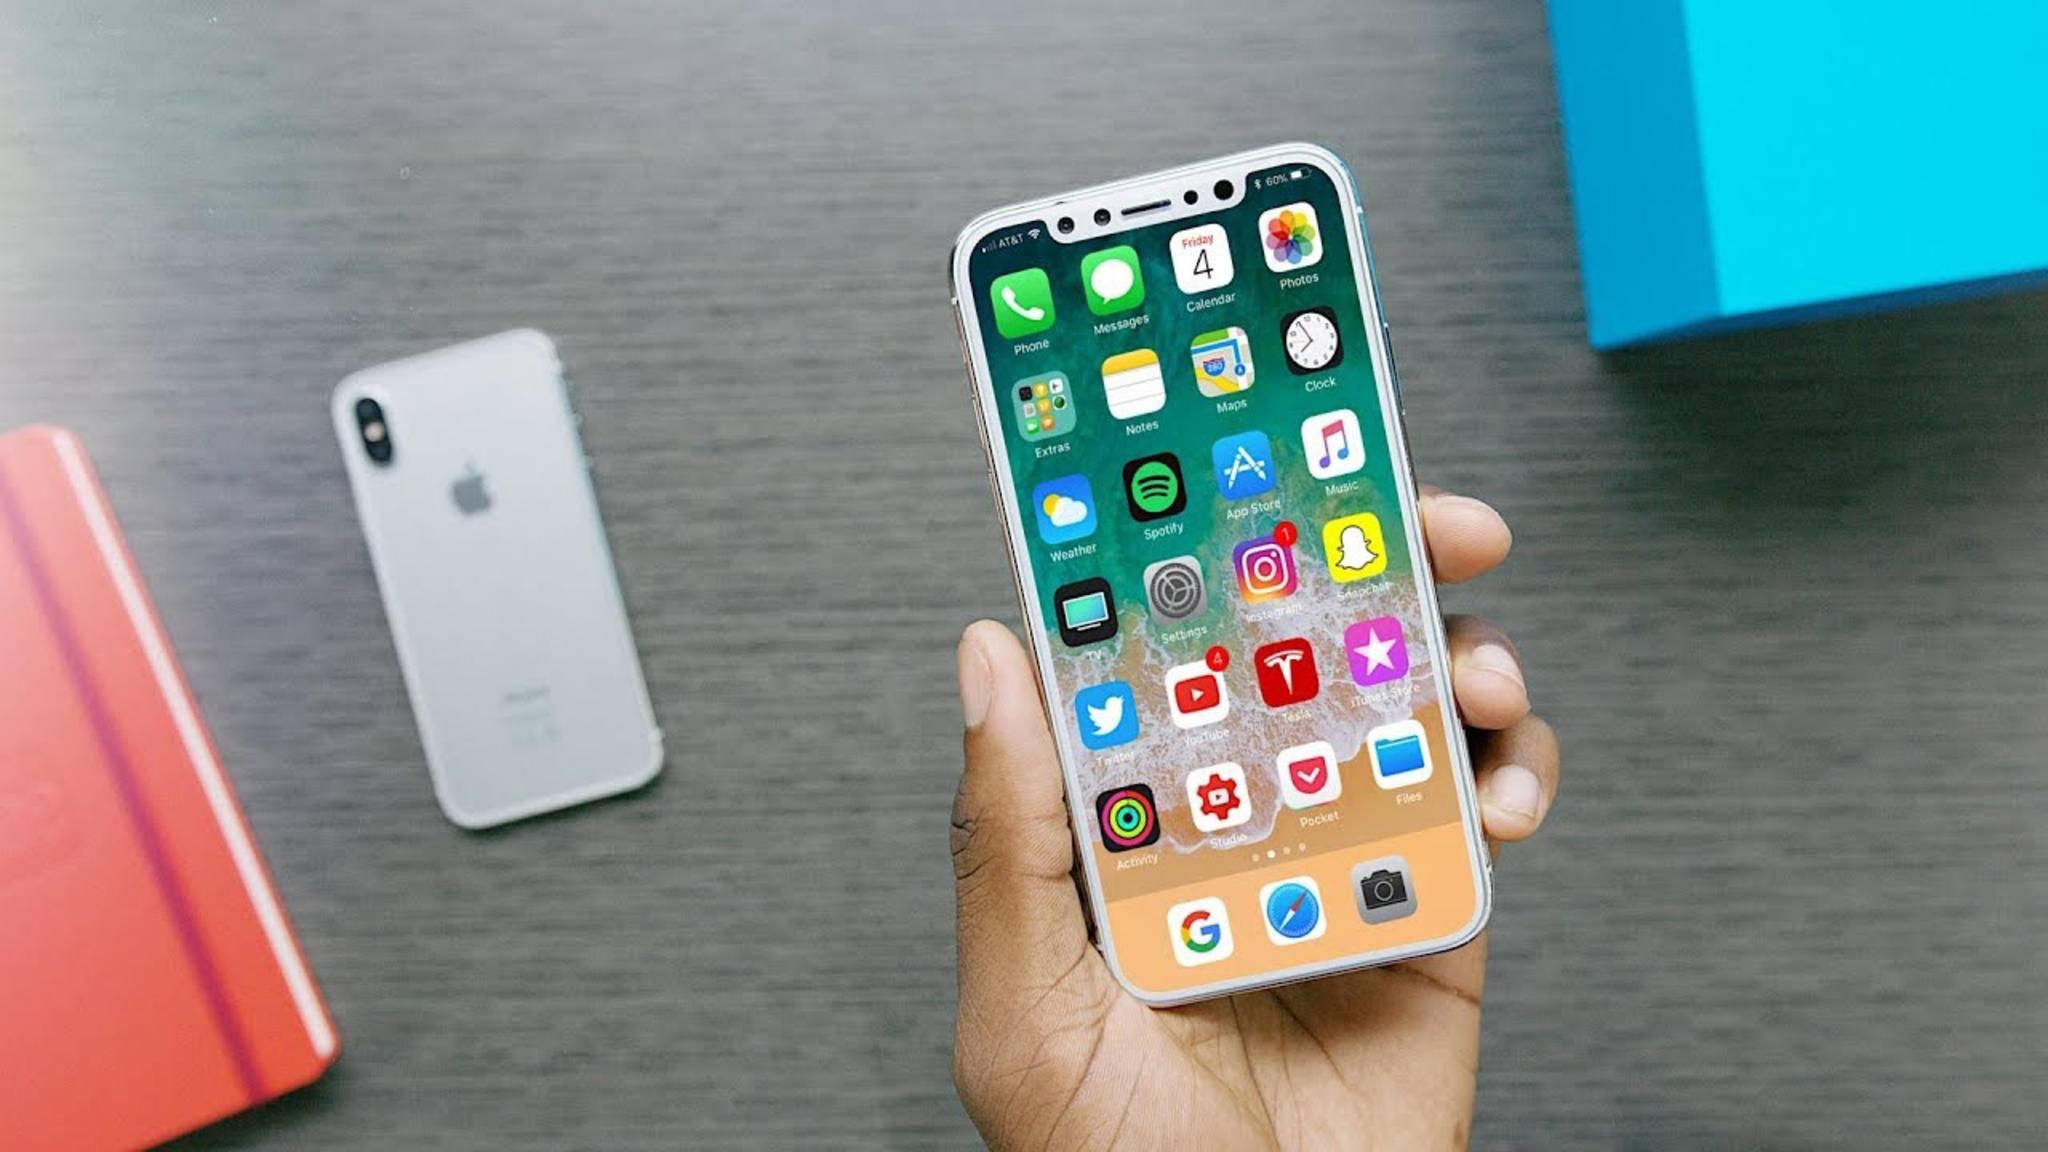 Am 12. September will Apple vermutlich das iPhone 8 vorstellen – ob es den immens hohen Erwartungen gerecht wird?